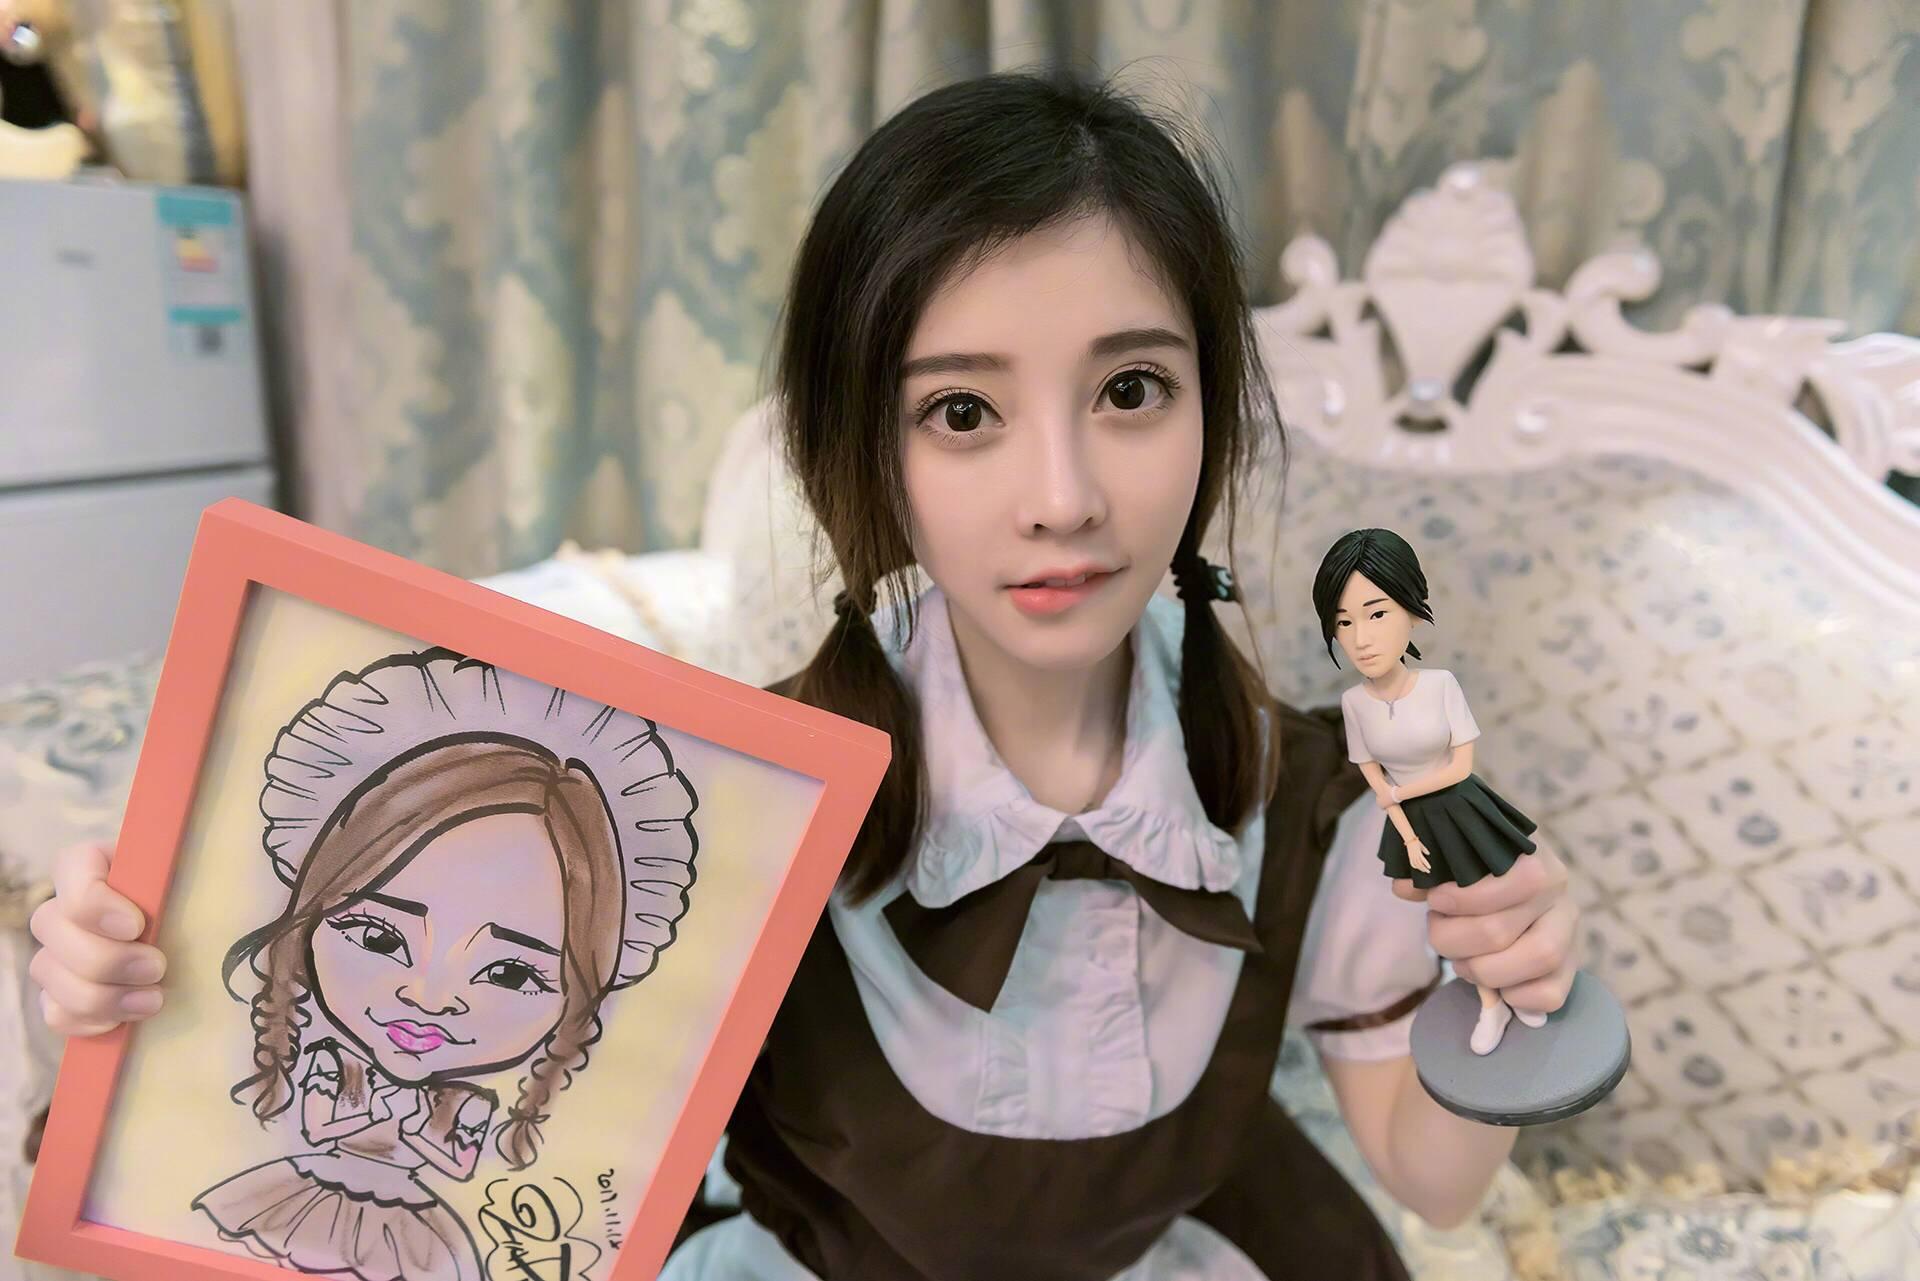 冯提莫七年前演出照片被翻出,样貌变化太大,网友 村姑